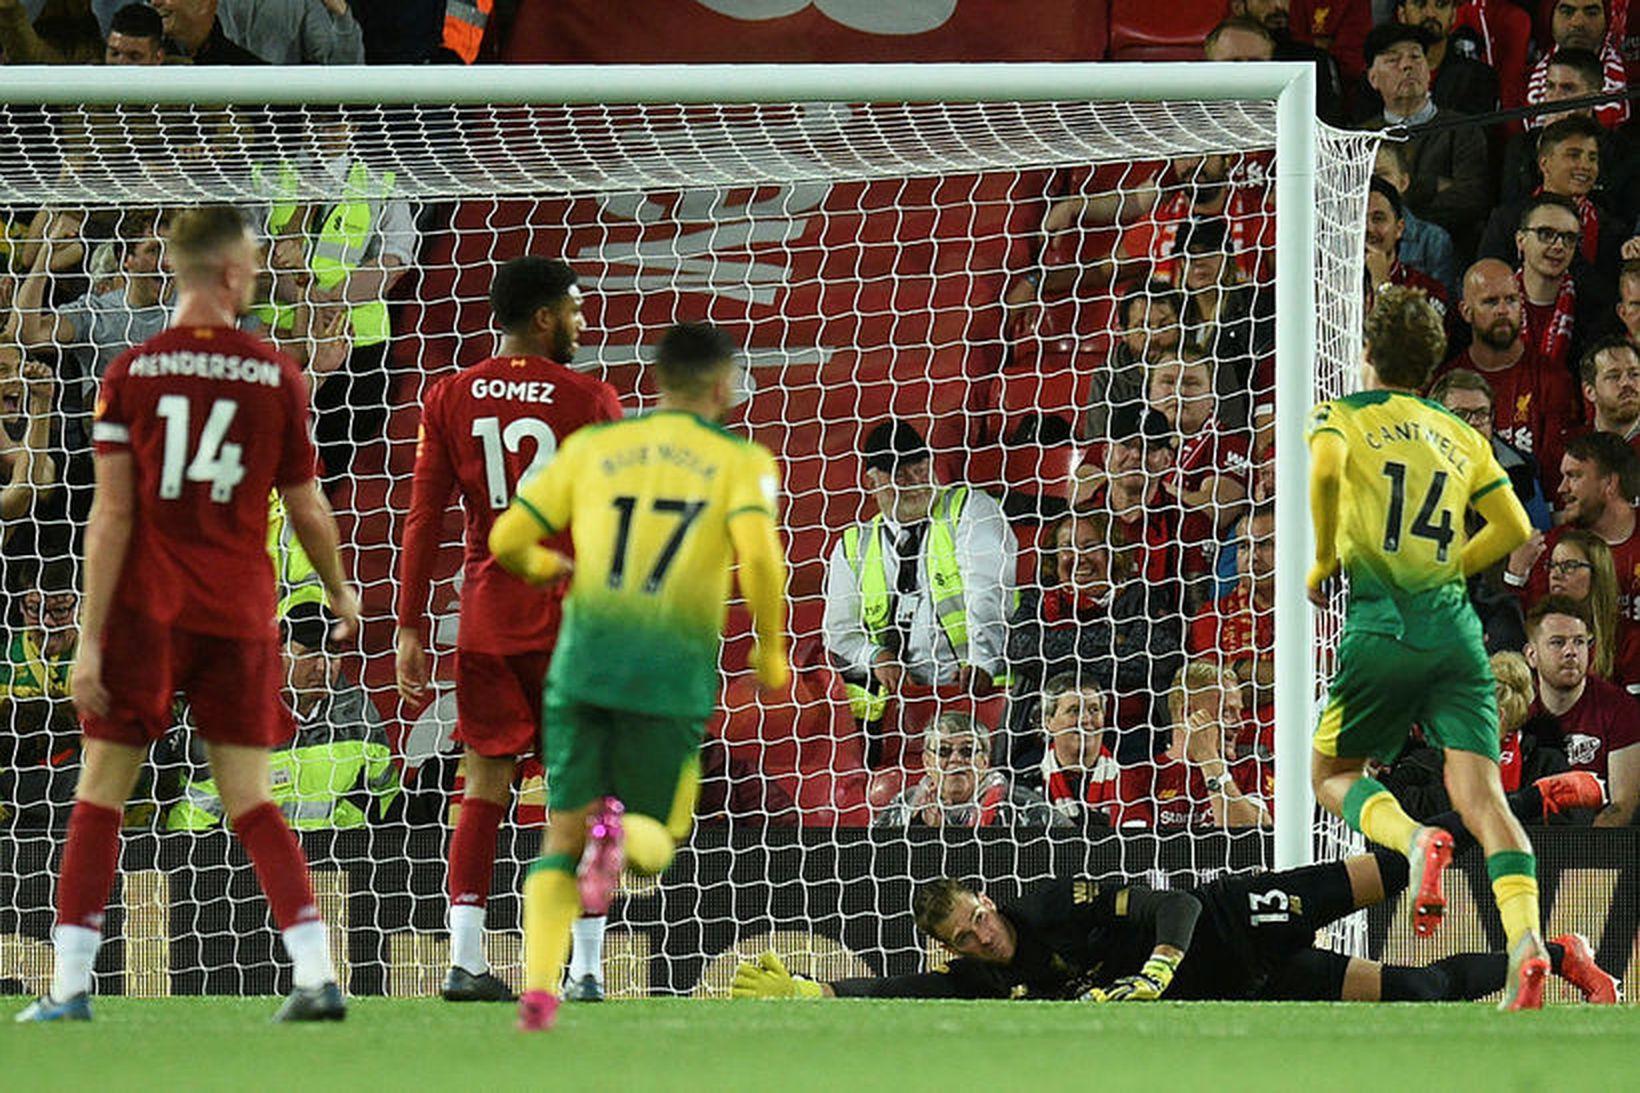 Liverpool og Norwich mættust einnig í 1. umferð fyrir tveimur …